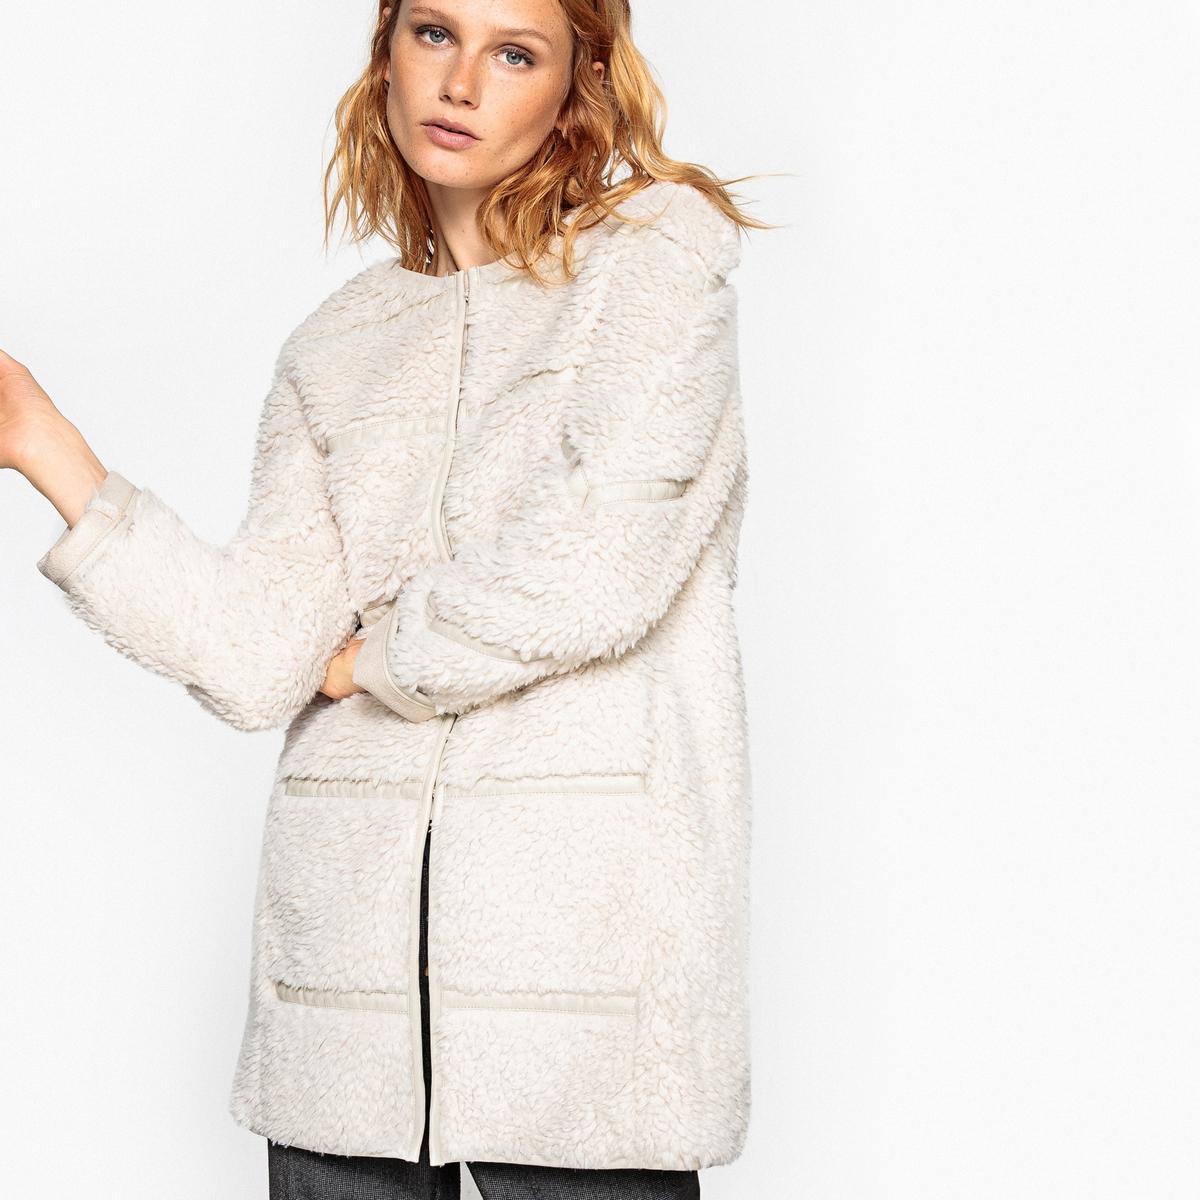 Пальто женское из искусственного меха xp group женское демисезонное пальто ирма молочный